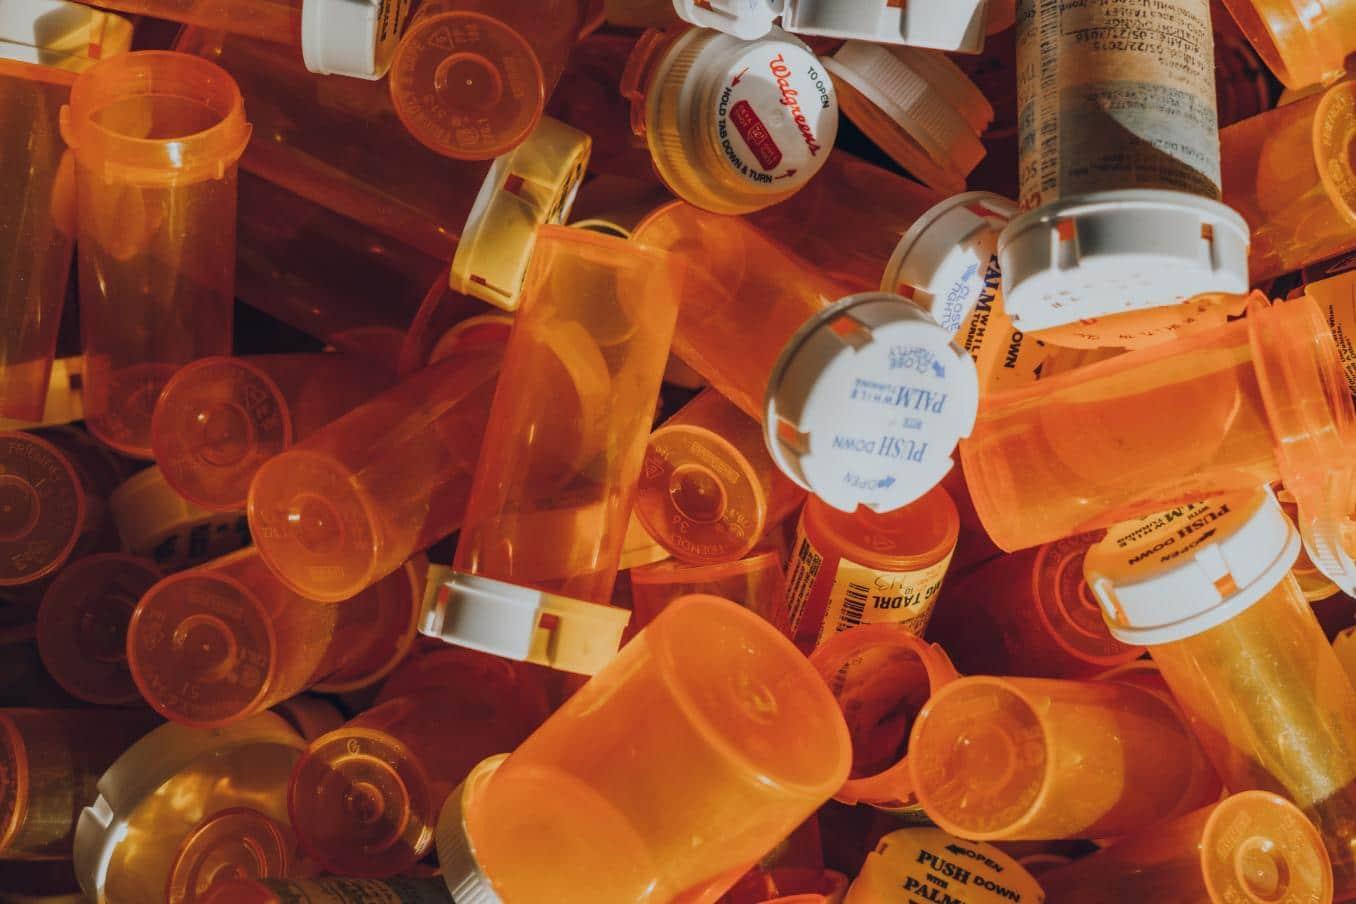 Réseaux sociaux et crises sanitaires : le cas des opioïdes